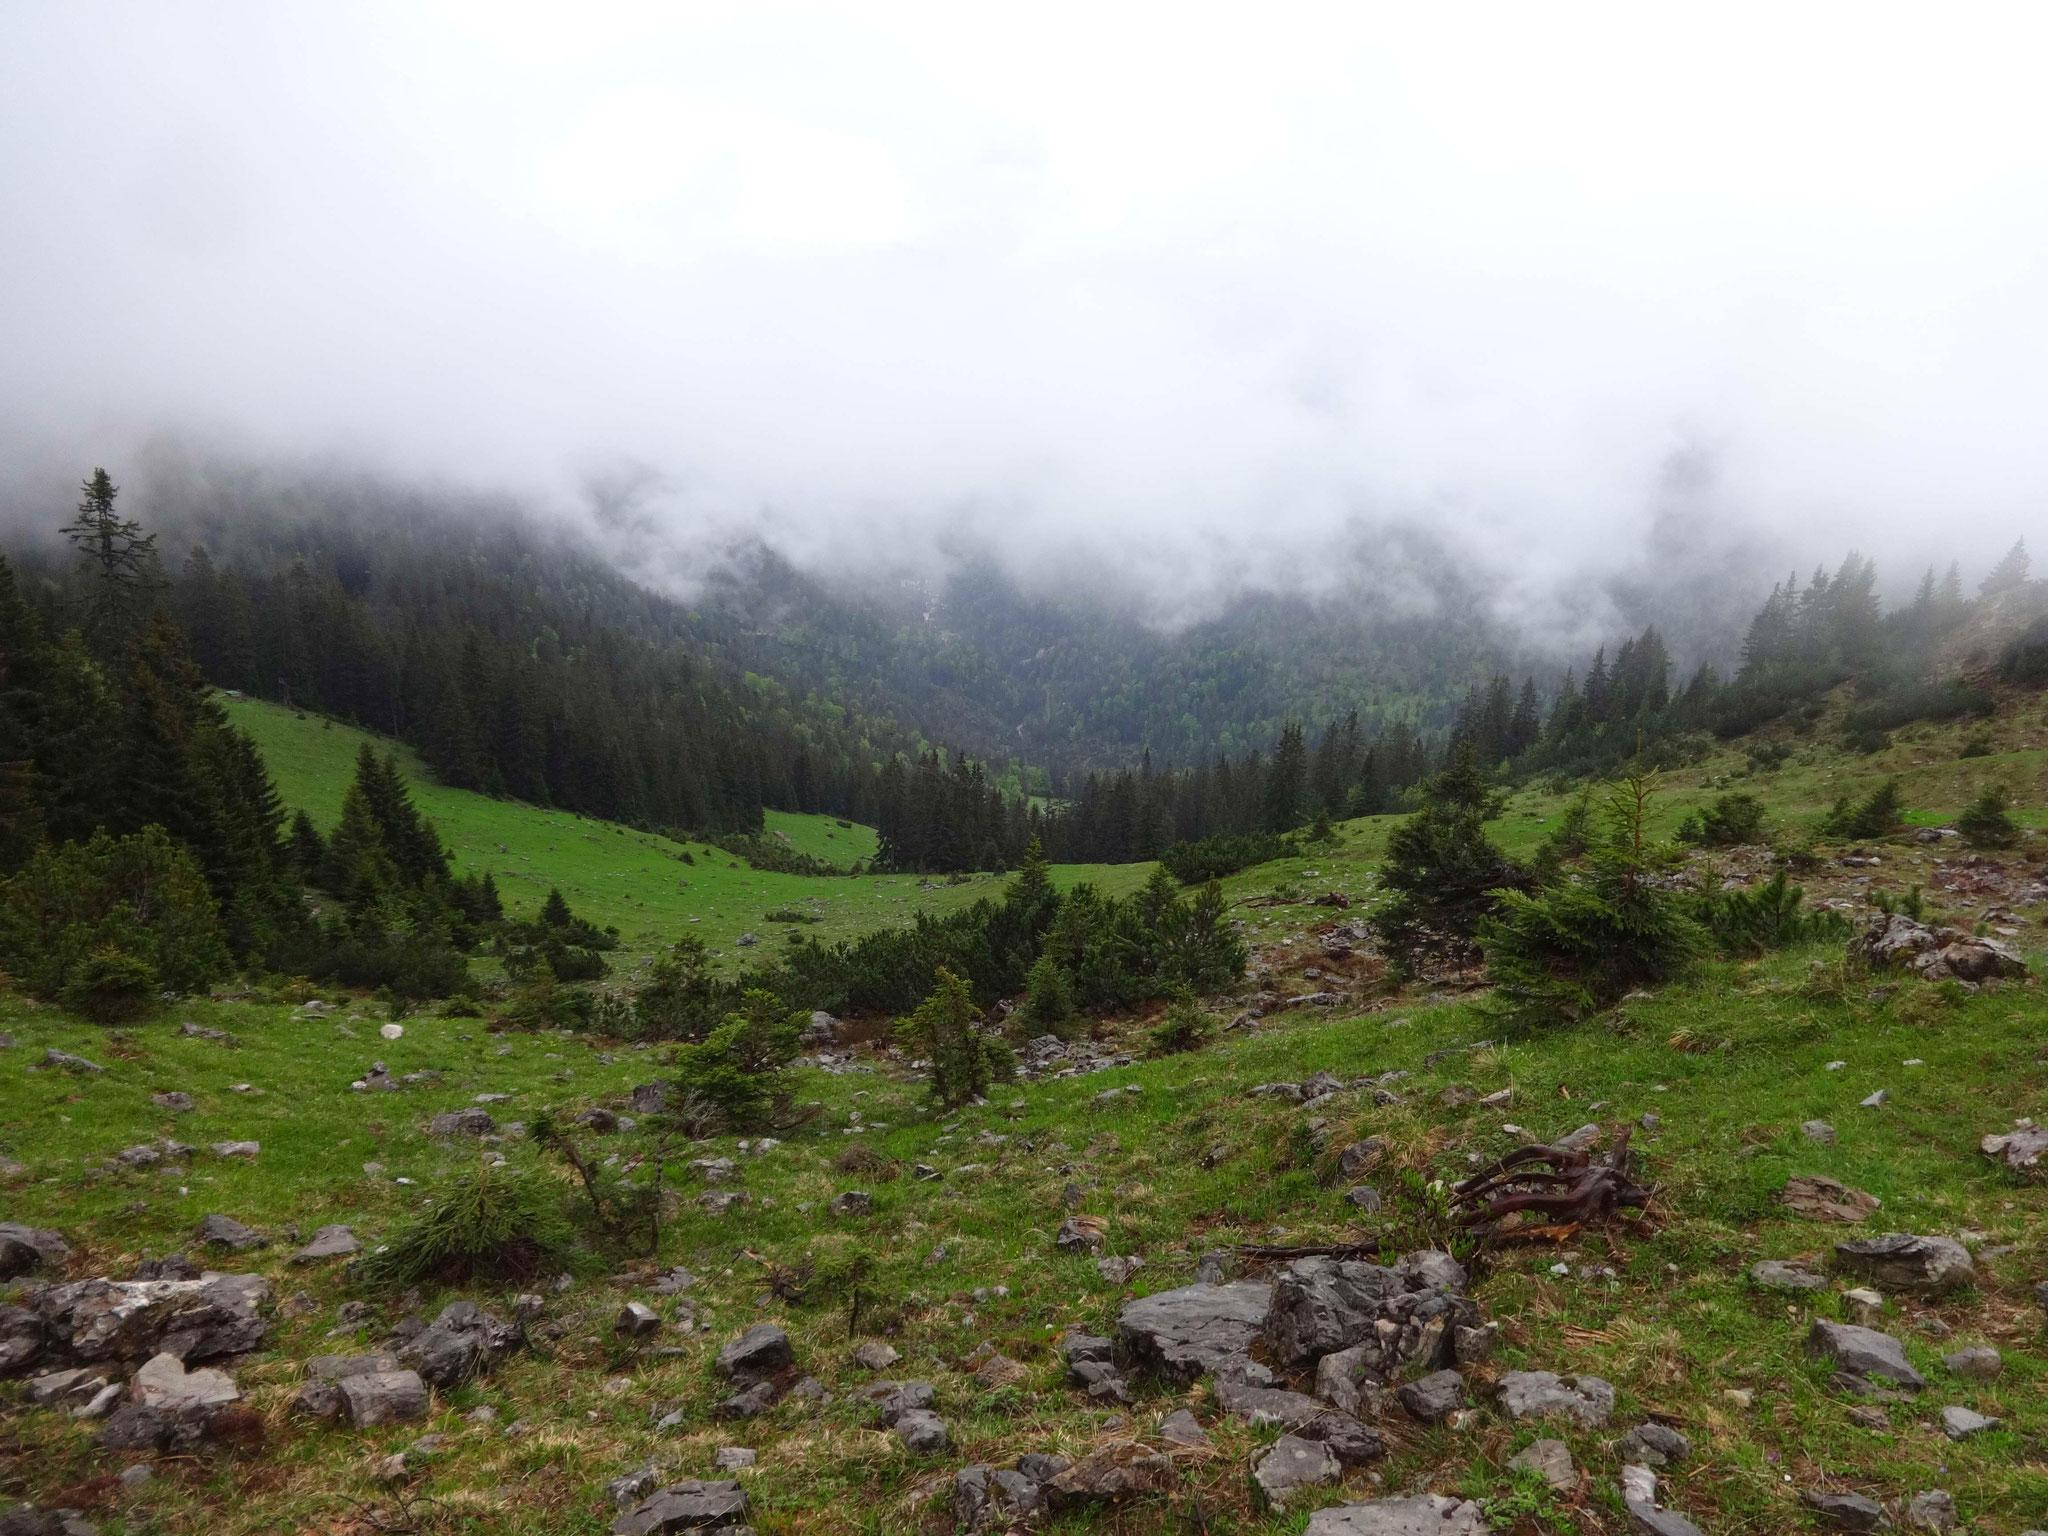 Nach einer kurzen Rast begeben wir uns zurück in die Scharte, von der wir direkt auf einem Wanderweg und grüne Wiesen absteigen...